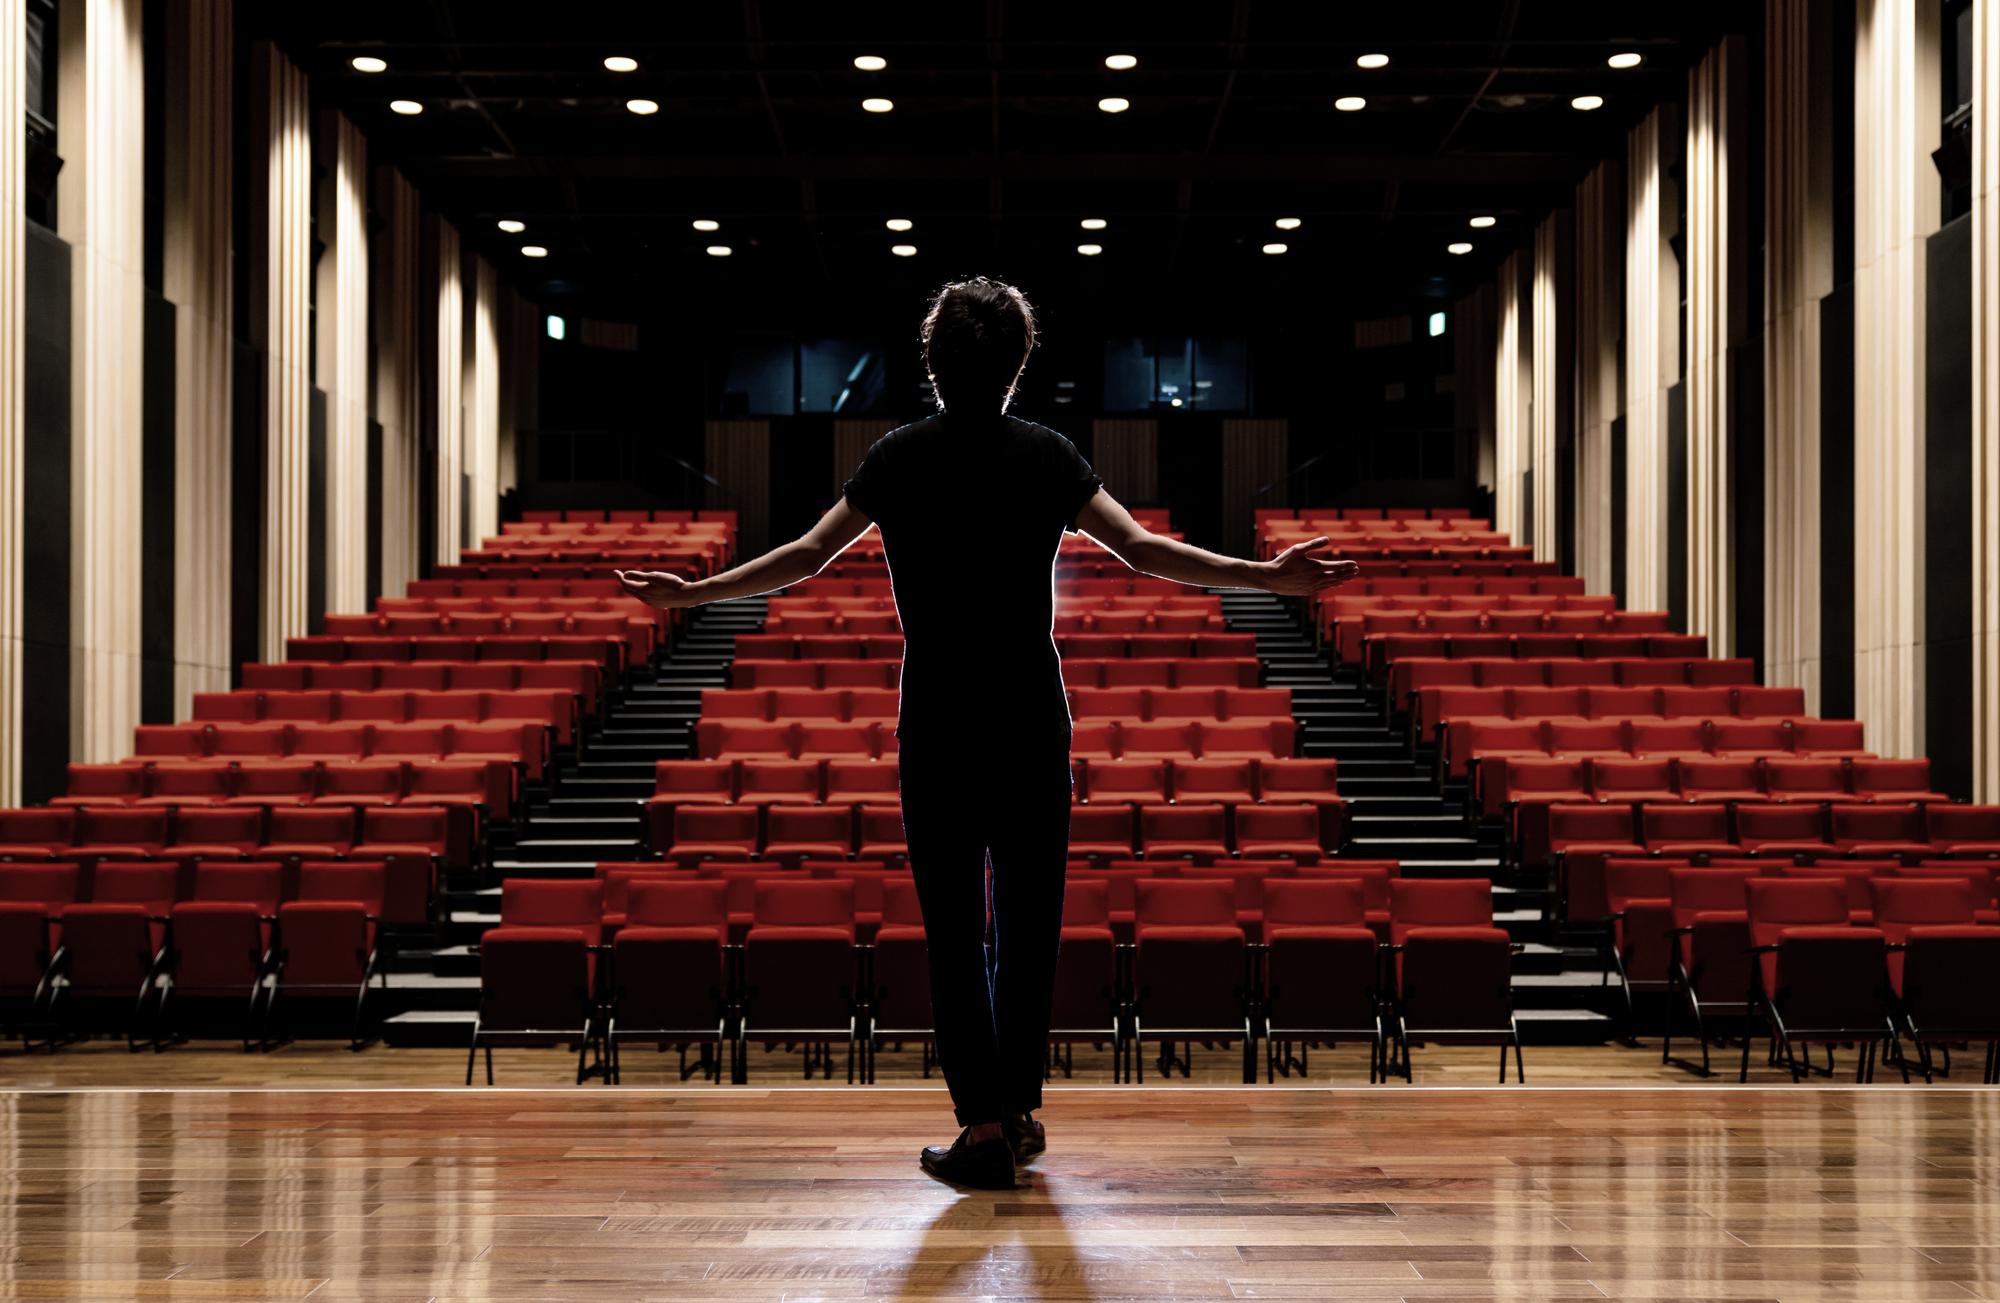 演劇界は「貧乏だから支援してほしい」のではない。芸術を失うことが社会的な損失になる理由【劇作家・平田オリザ】